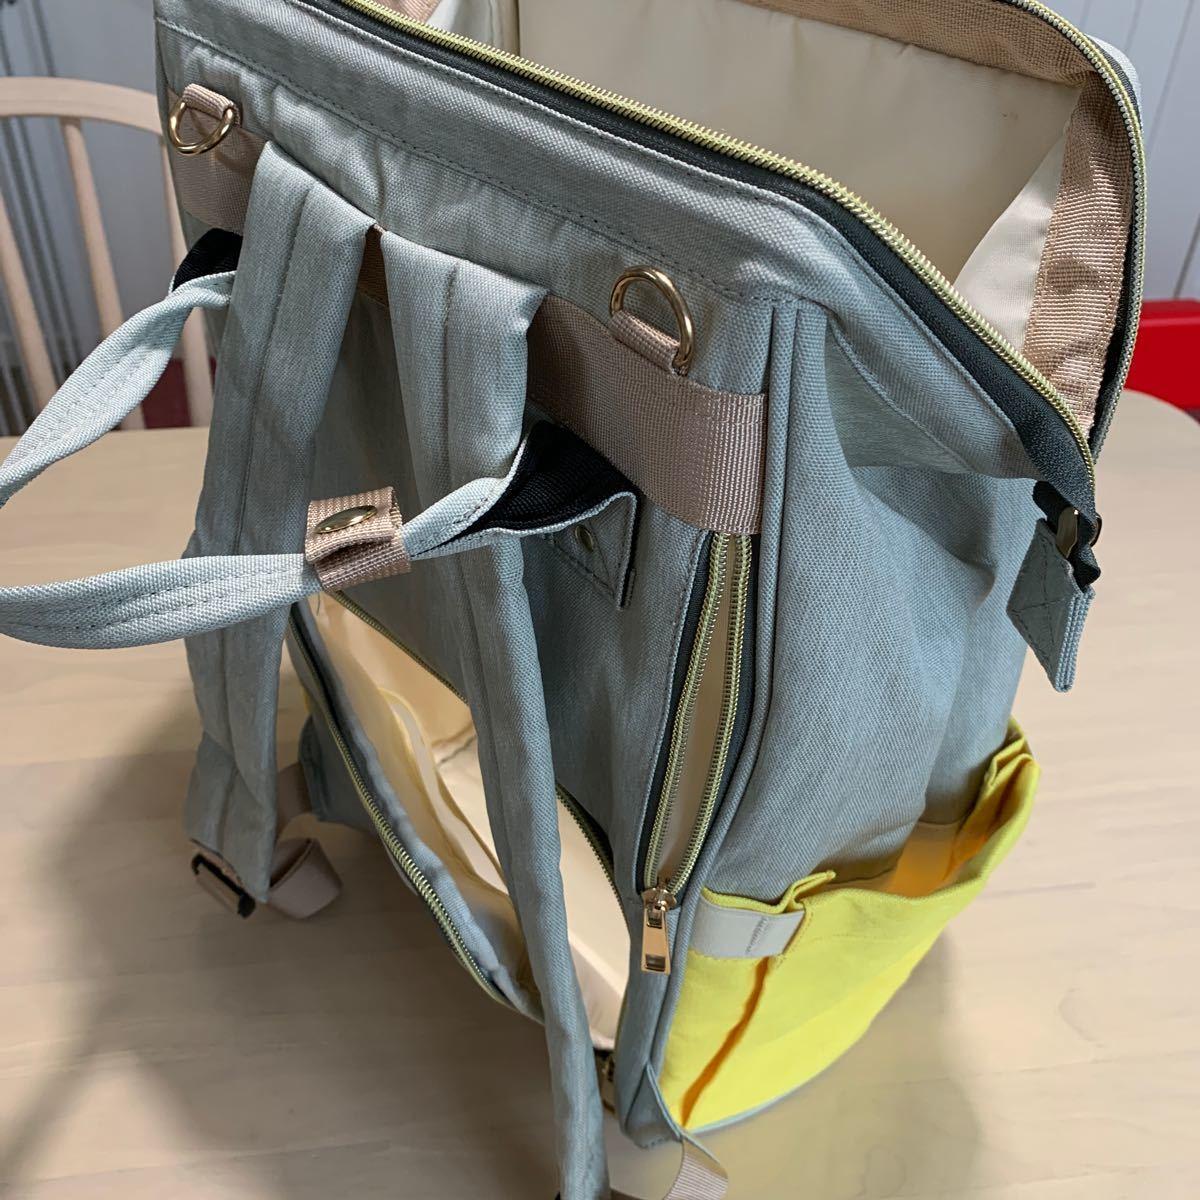 SONARINマザーズバッグ、ベビーおむつ交換バックパック、旅行バックパックオーガナイザー、防水、大容量、スタイリッシュで耐久性